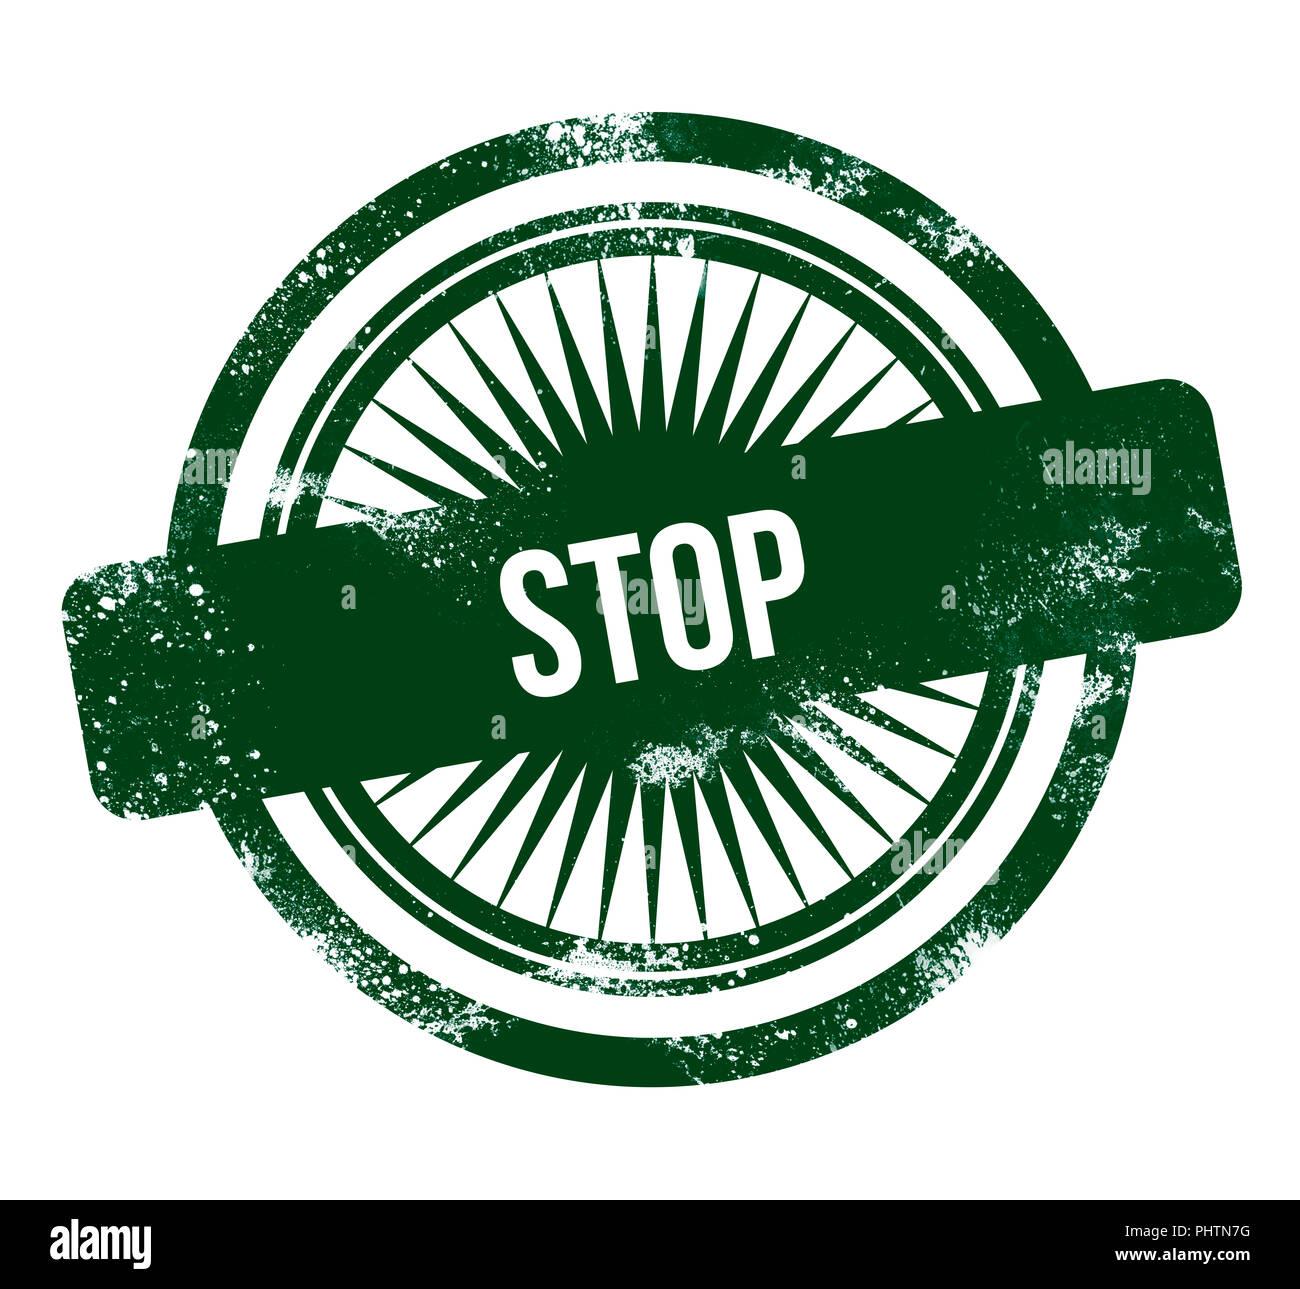 Stop - green grunge stamp - Stock Image